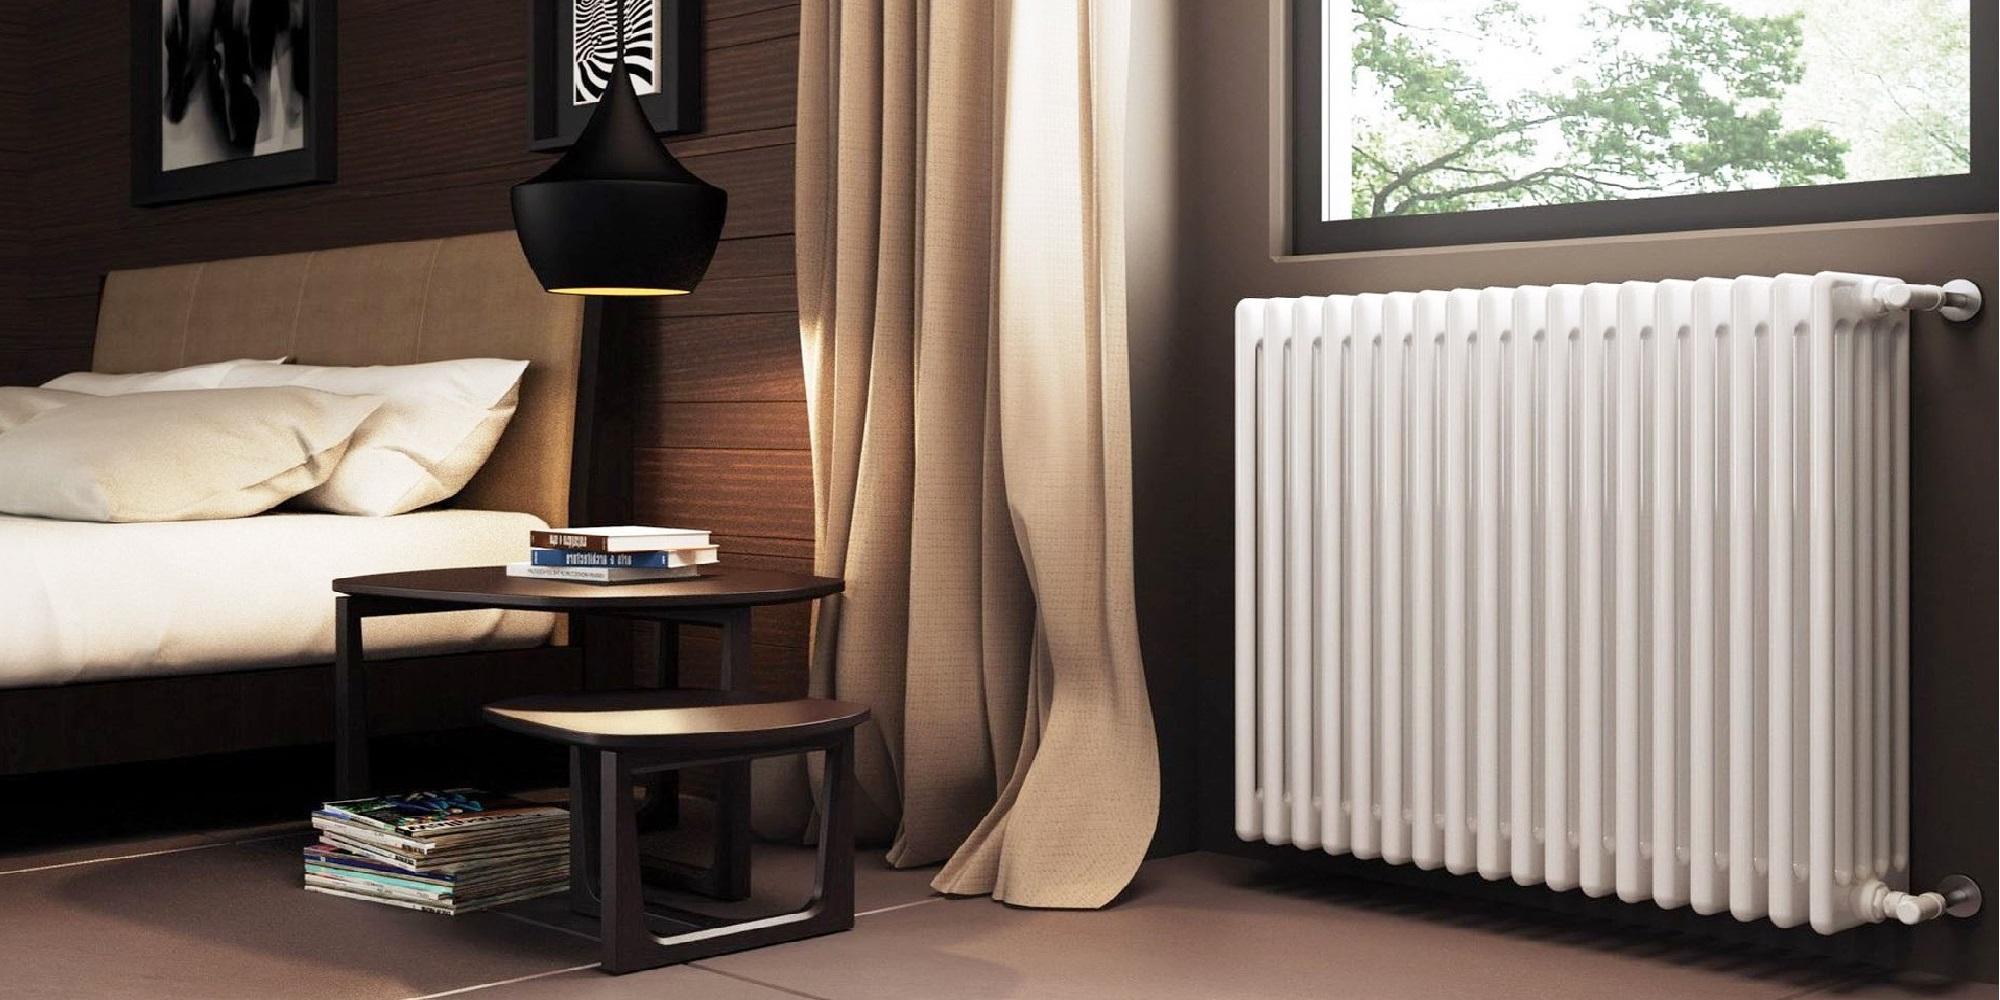 Виды радиаторов о отопления и особенности их использования на практике - тема данного материала, подготовленного нами при участии специалистов.